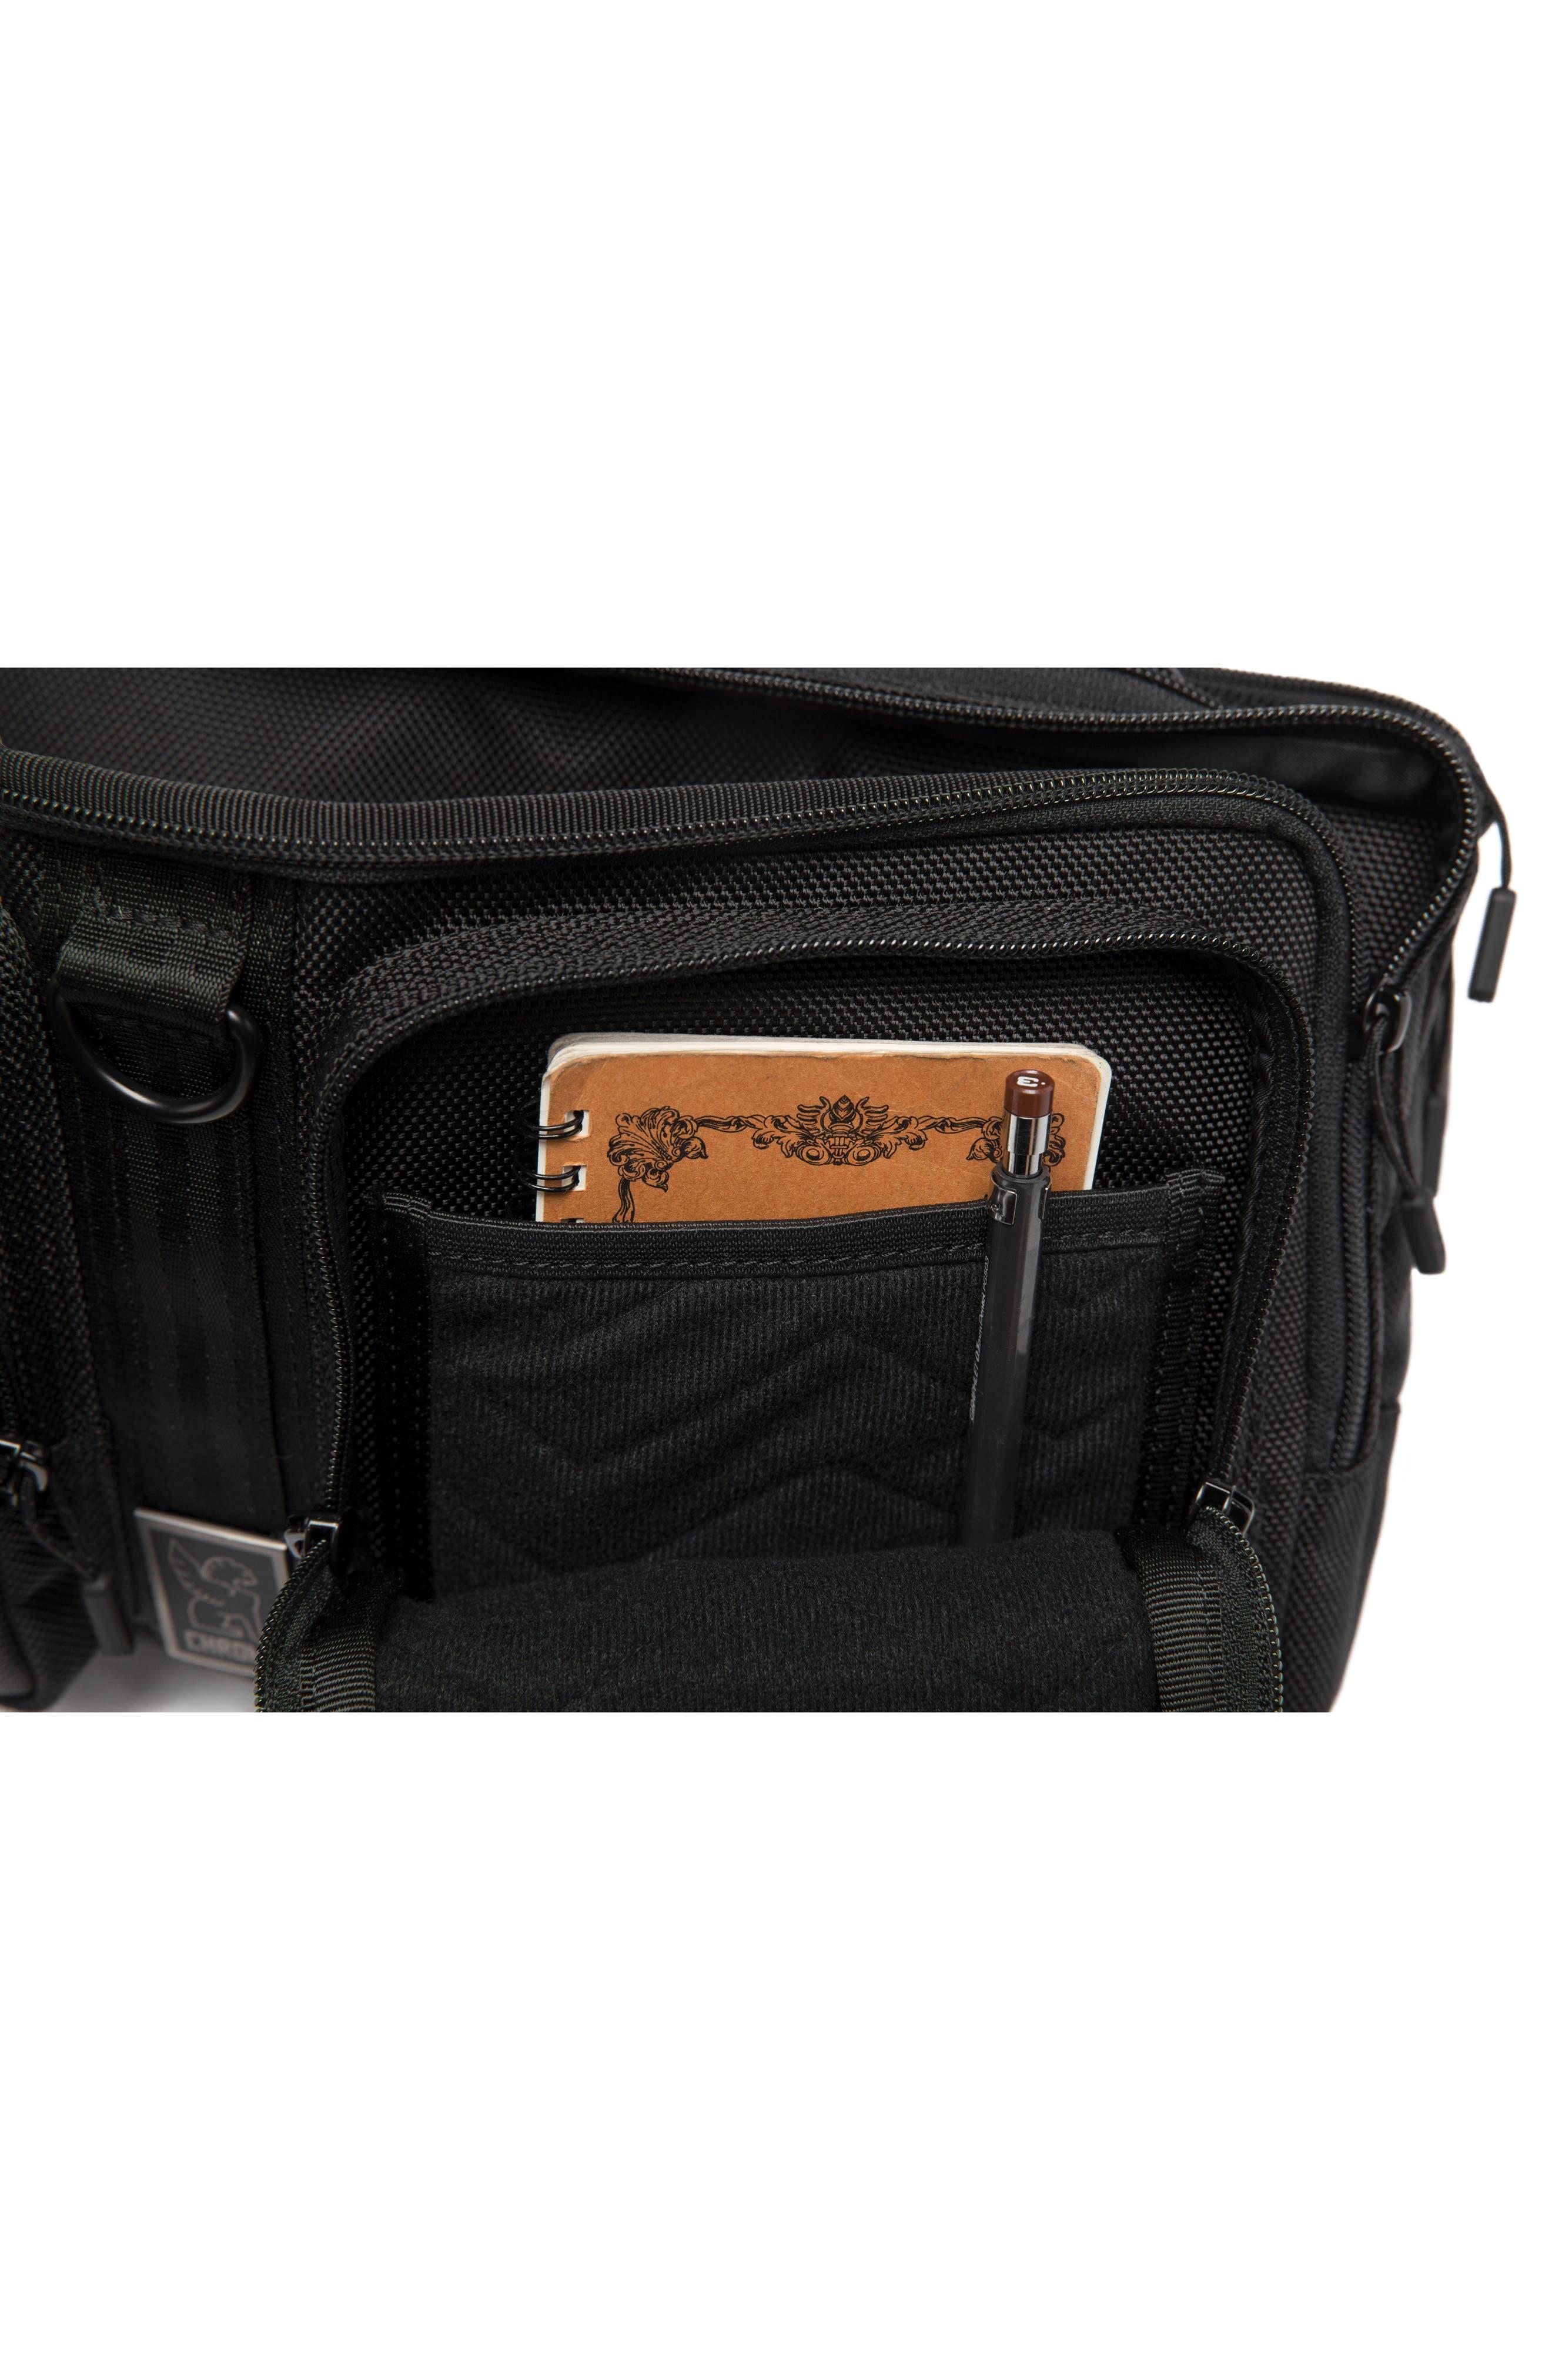 MXD Segment Sling Bag,                             Alternate thumbnail 4, color,                             All Black